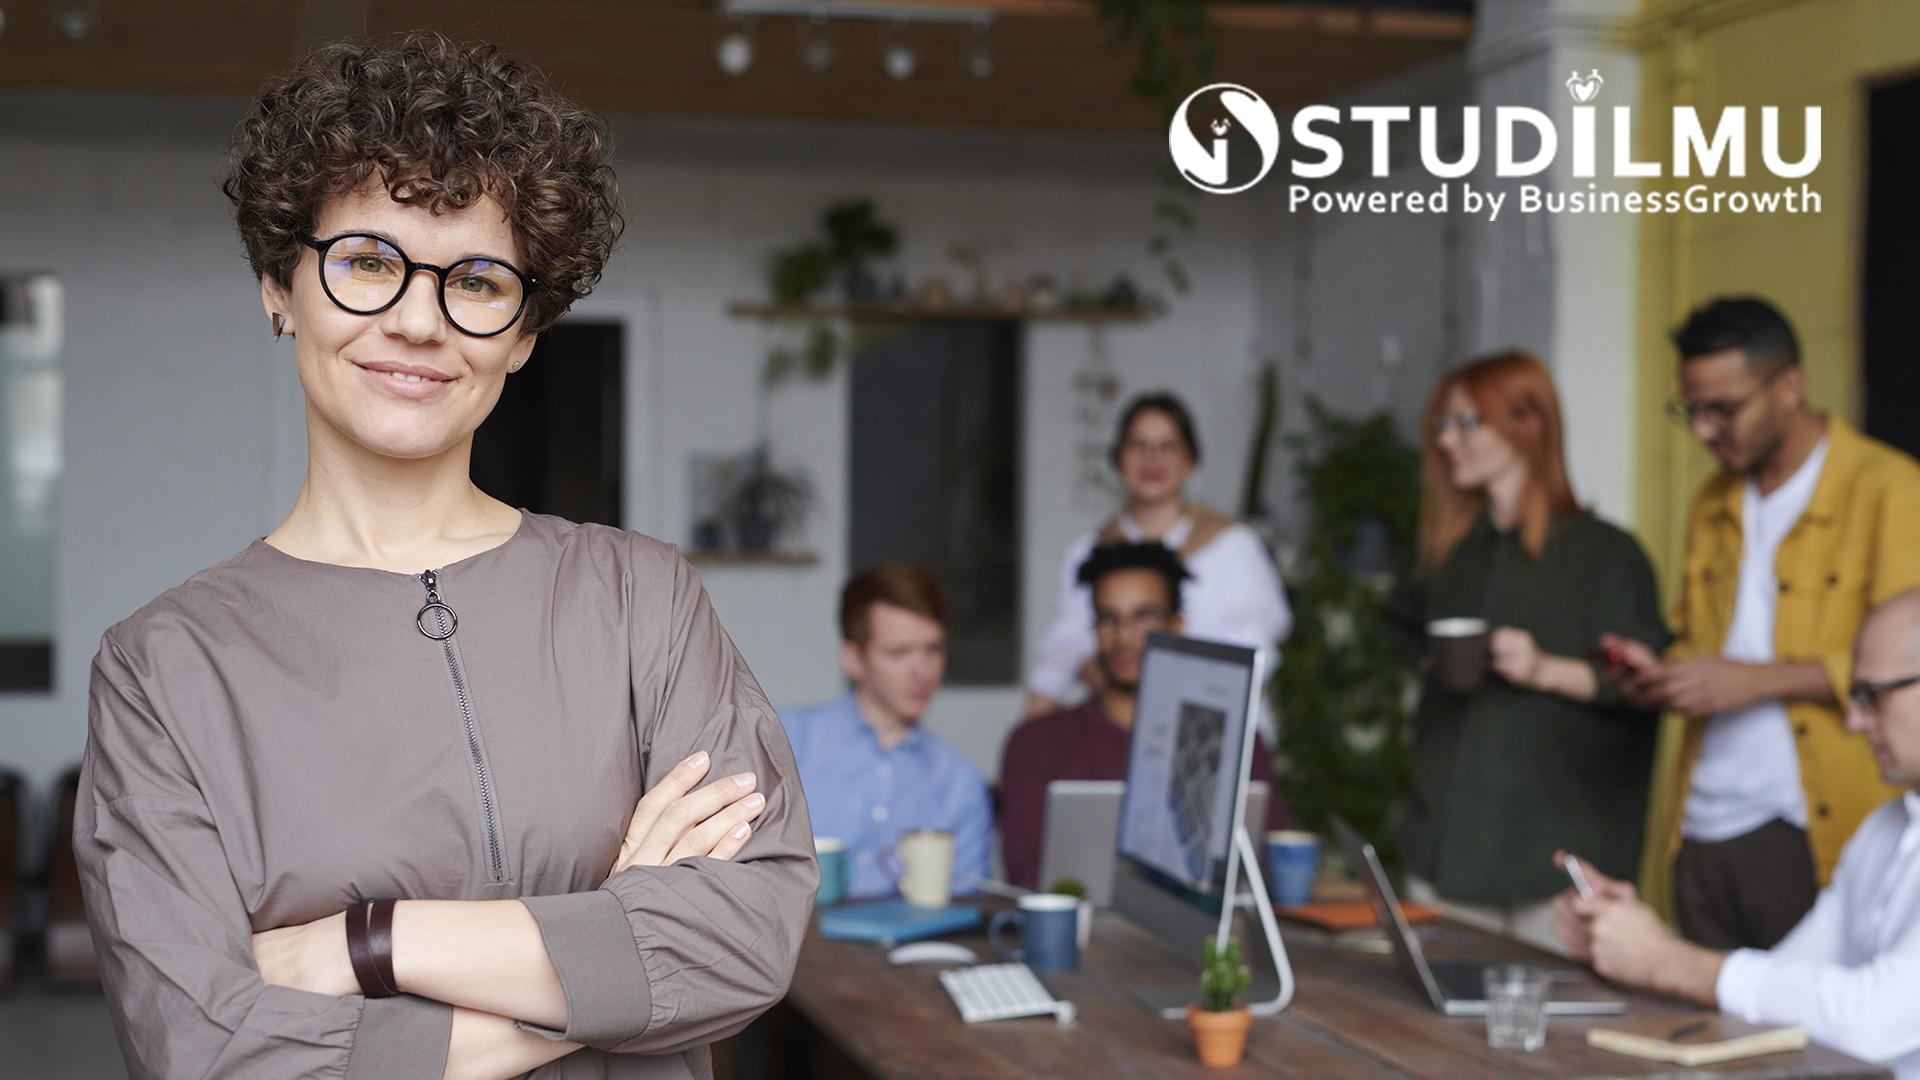 STUDILMU Career Advice - Kepemimpinan di Masa Krisis (Leadership in Crisis Time)